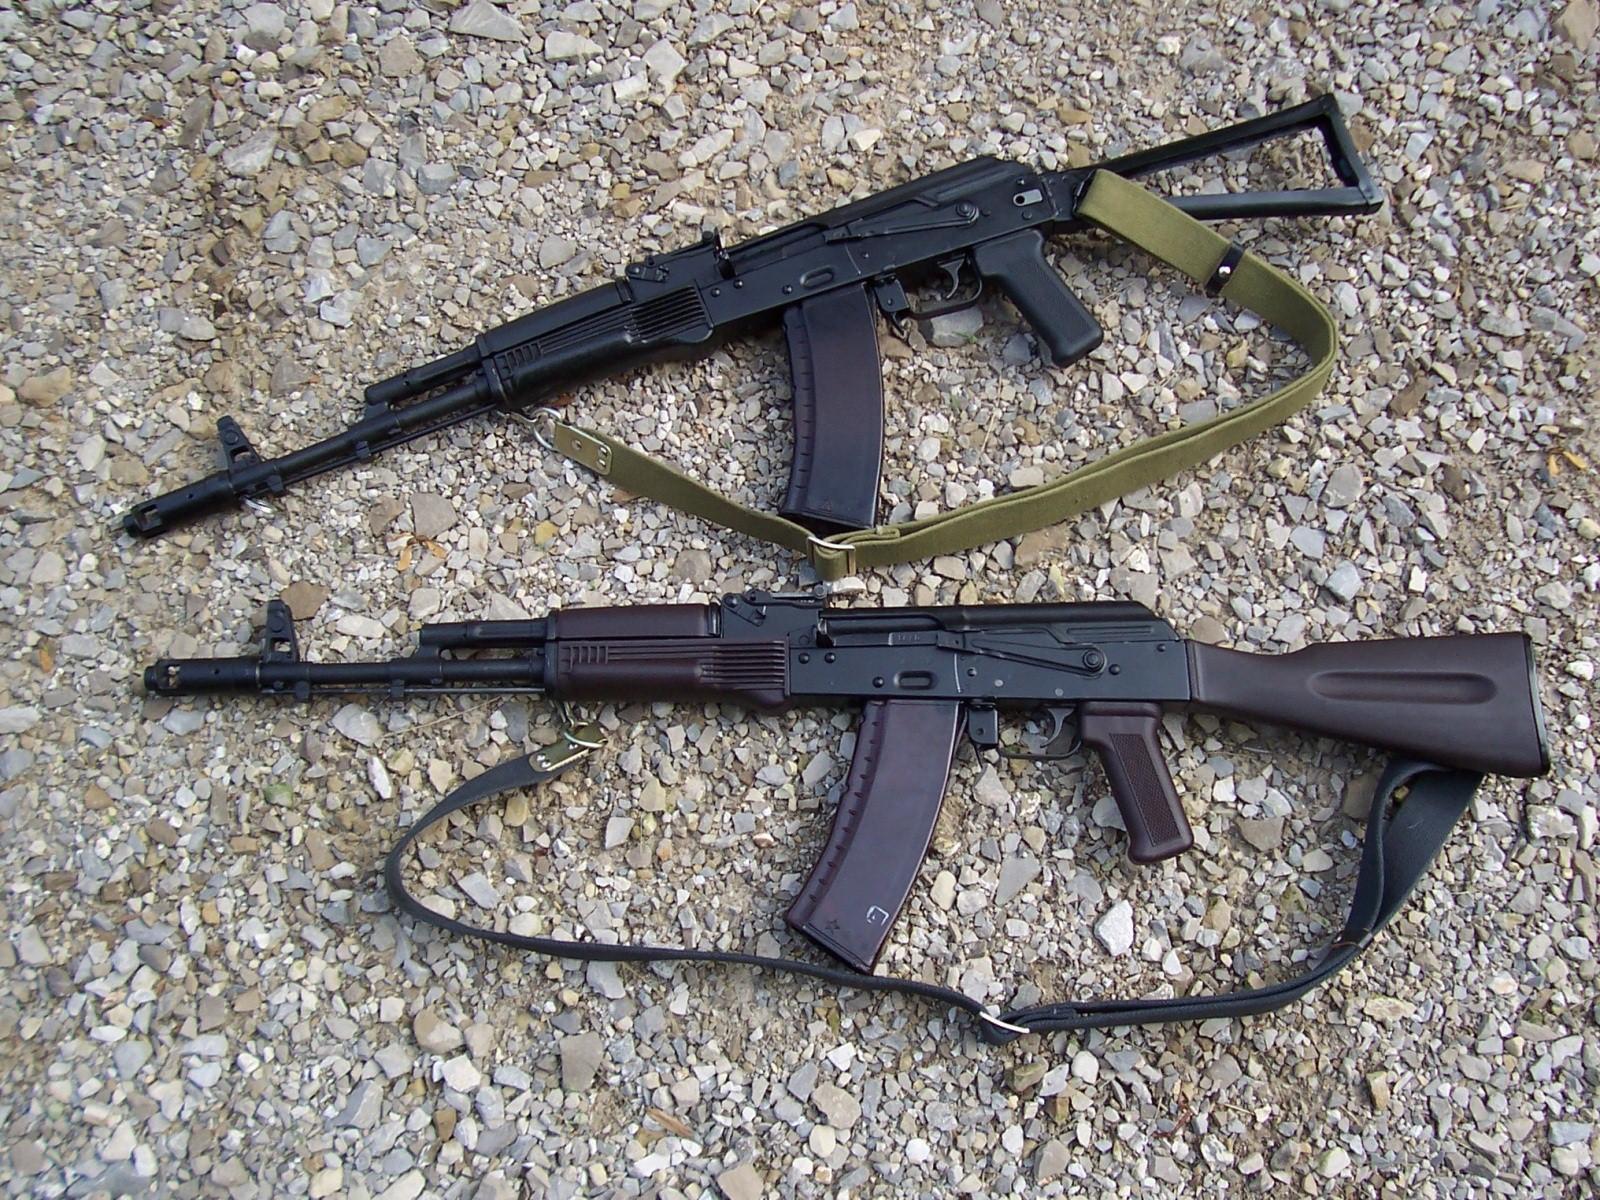 AK47_Rifle_Weapons_HD_Wallpaper.jpg